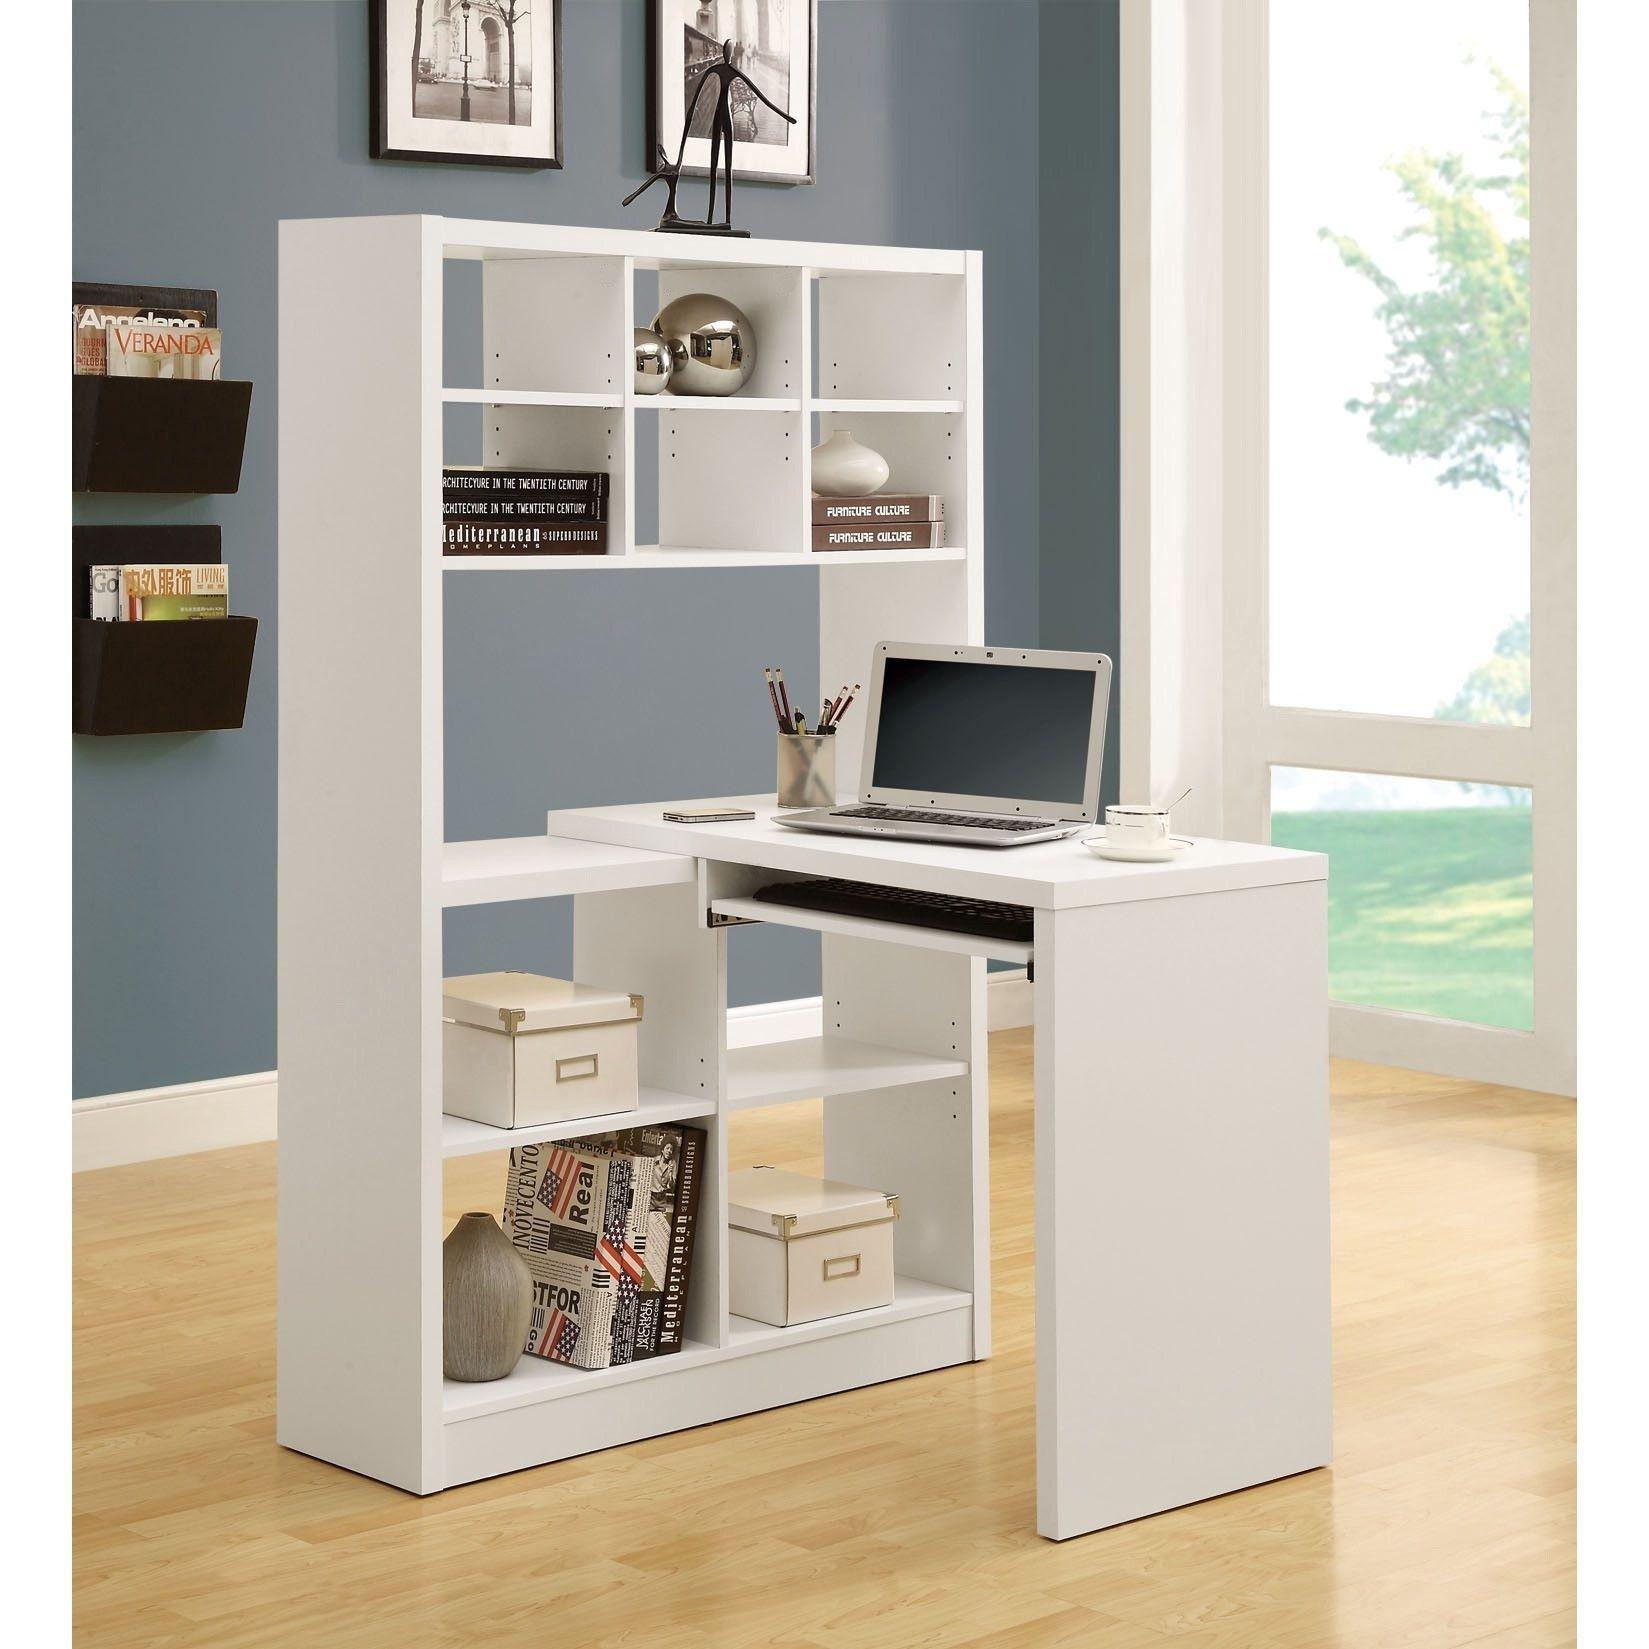 Corner Computer Desk With Shelves Ideas On Foter